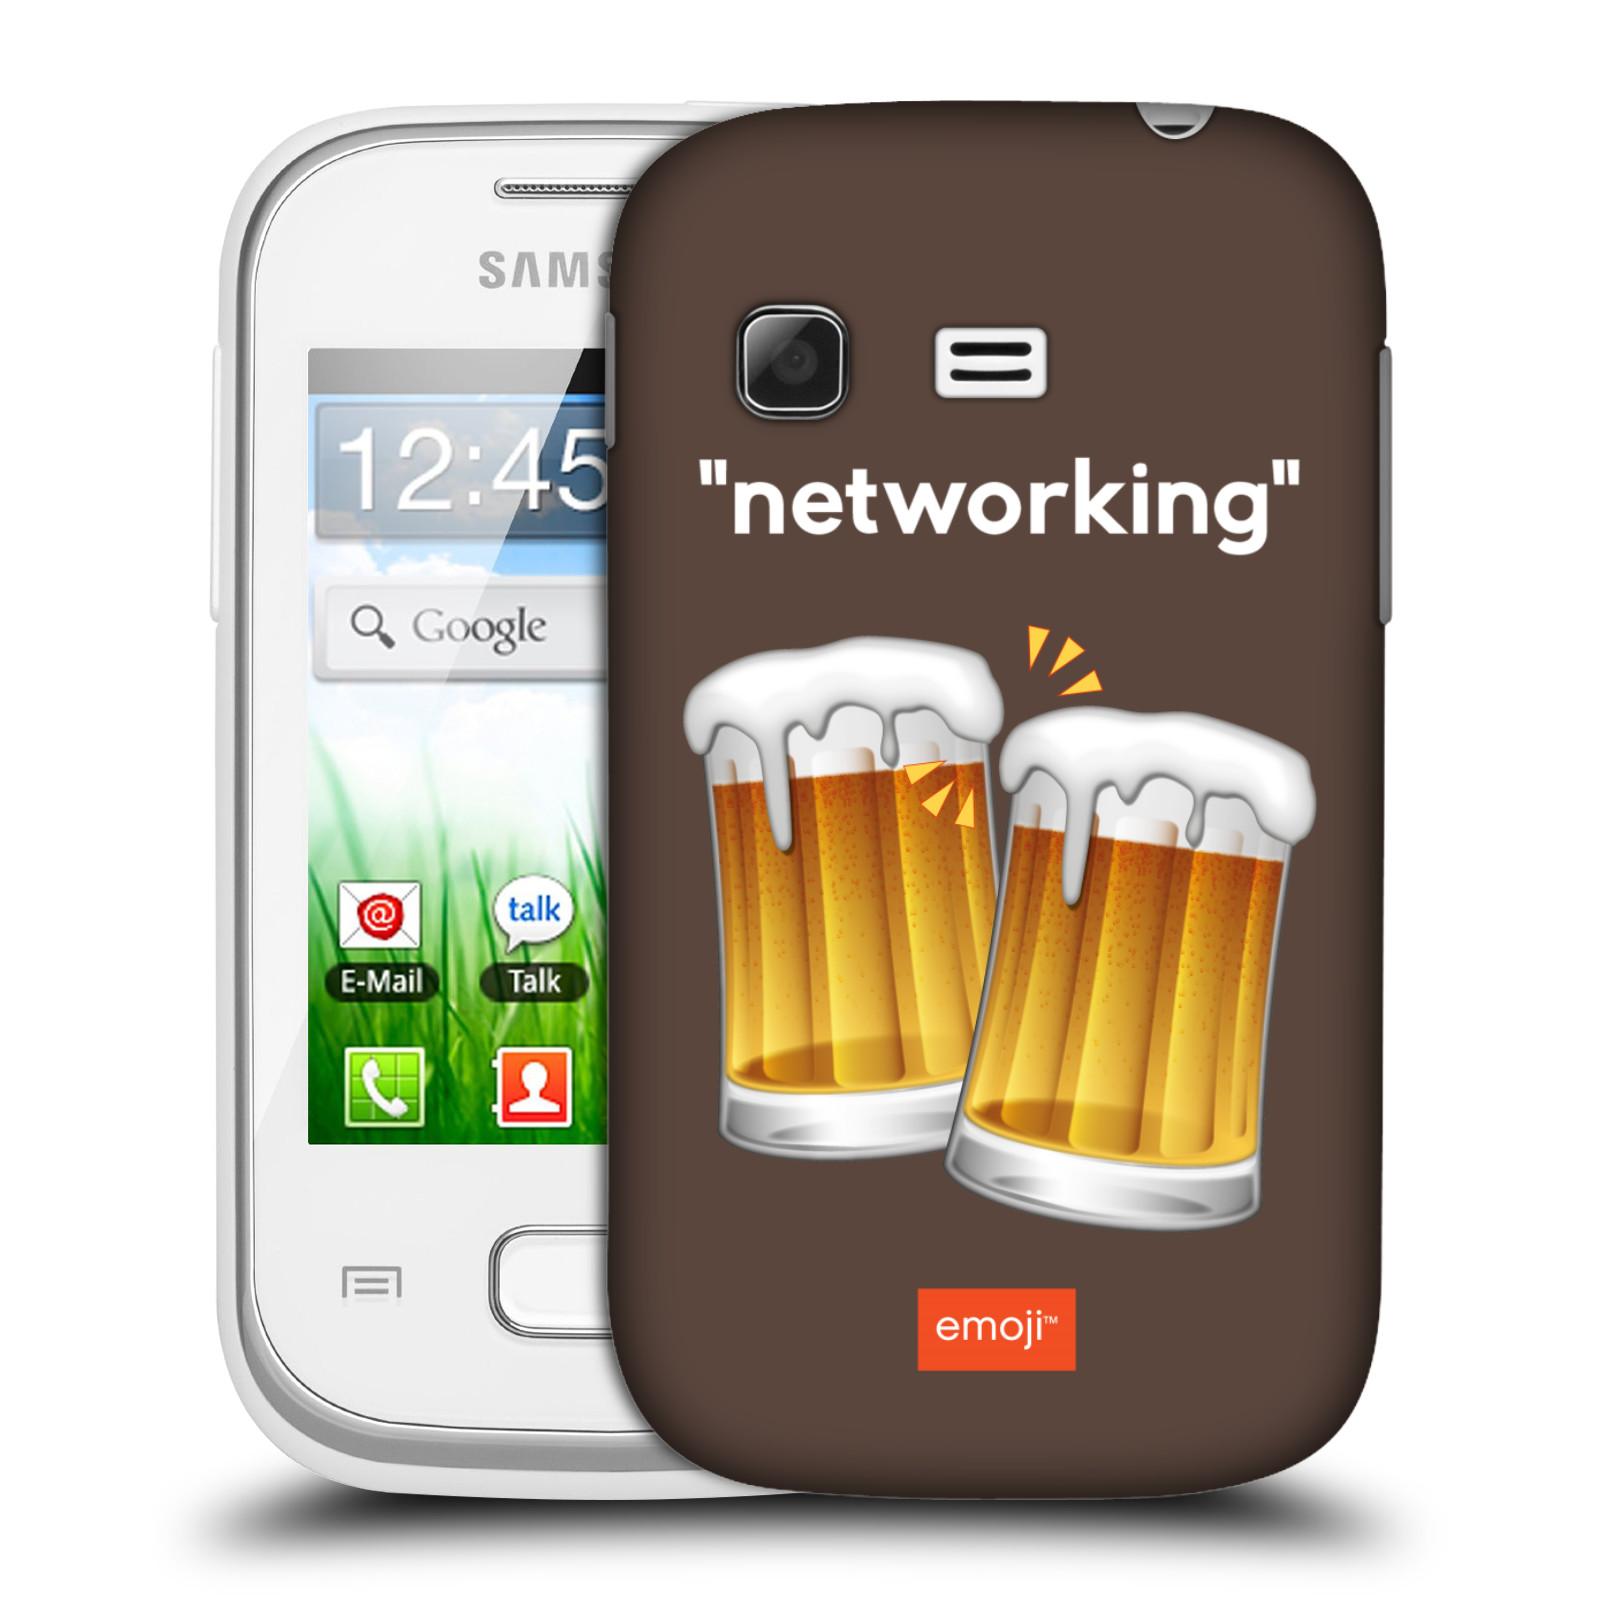 Plastové pouzdro na mobil Samsung Galaxy Pocket HEAD CASE EMOJI - Pivní networking (Kryt či obal s oficiálním motivem EMOJI na mobilní telefon Samsung Galaxy Pocket GT-S5300)